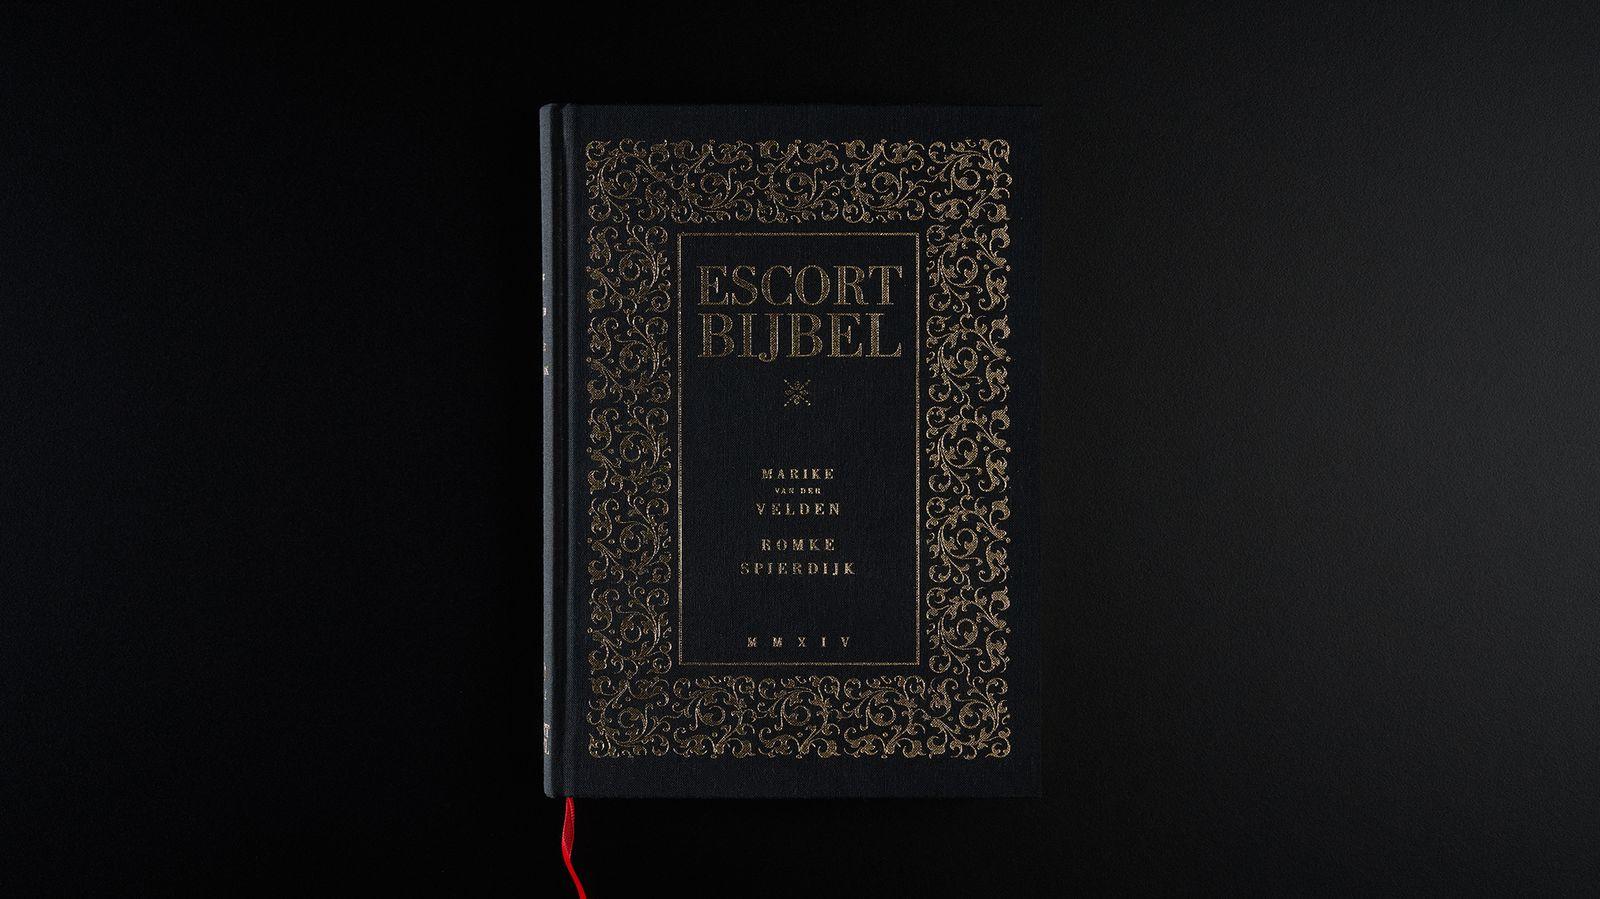 Escort Bijbel - Cover.jpg